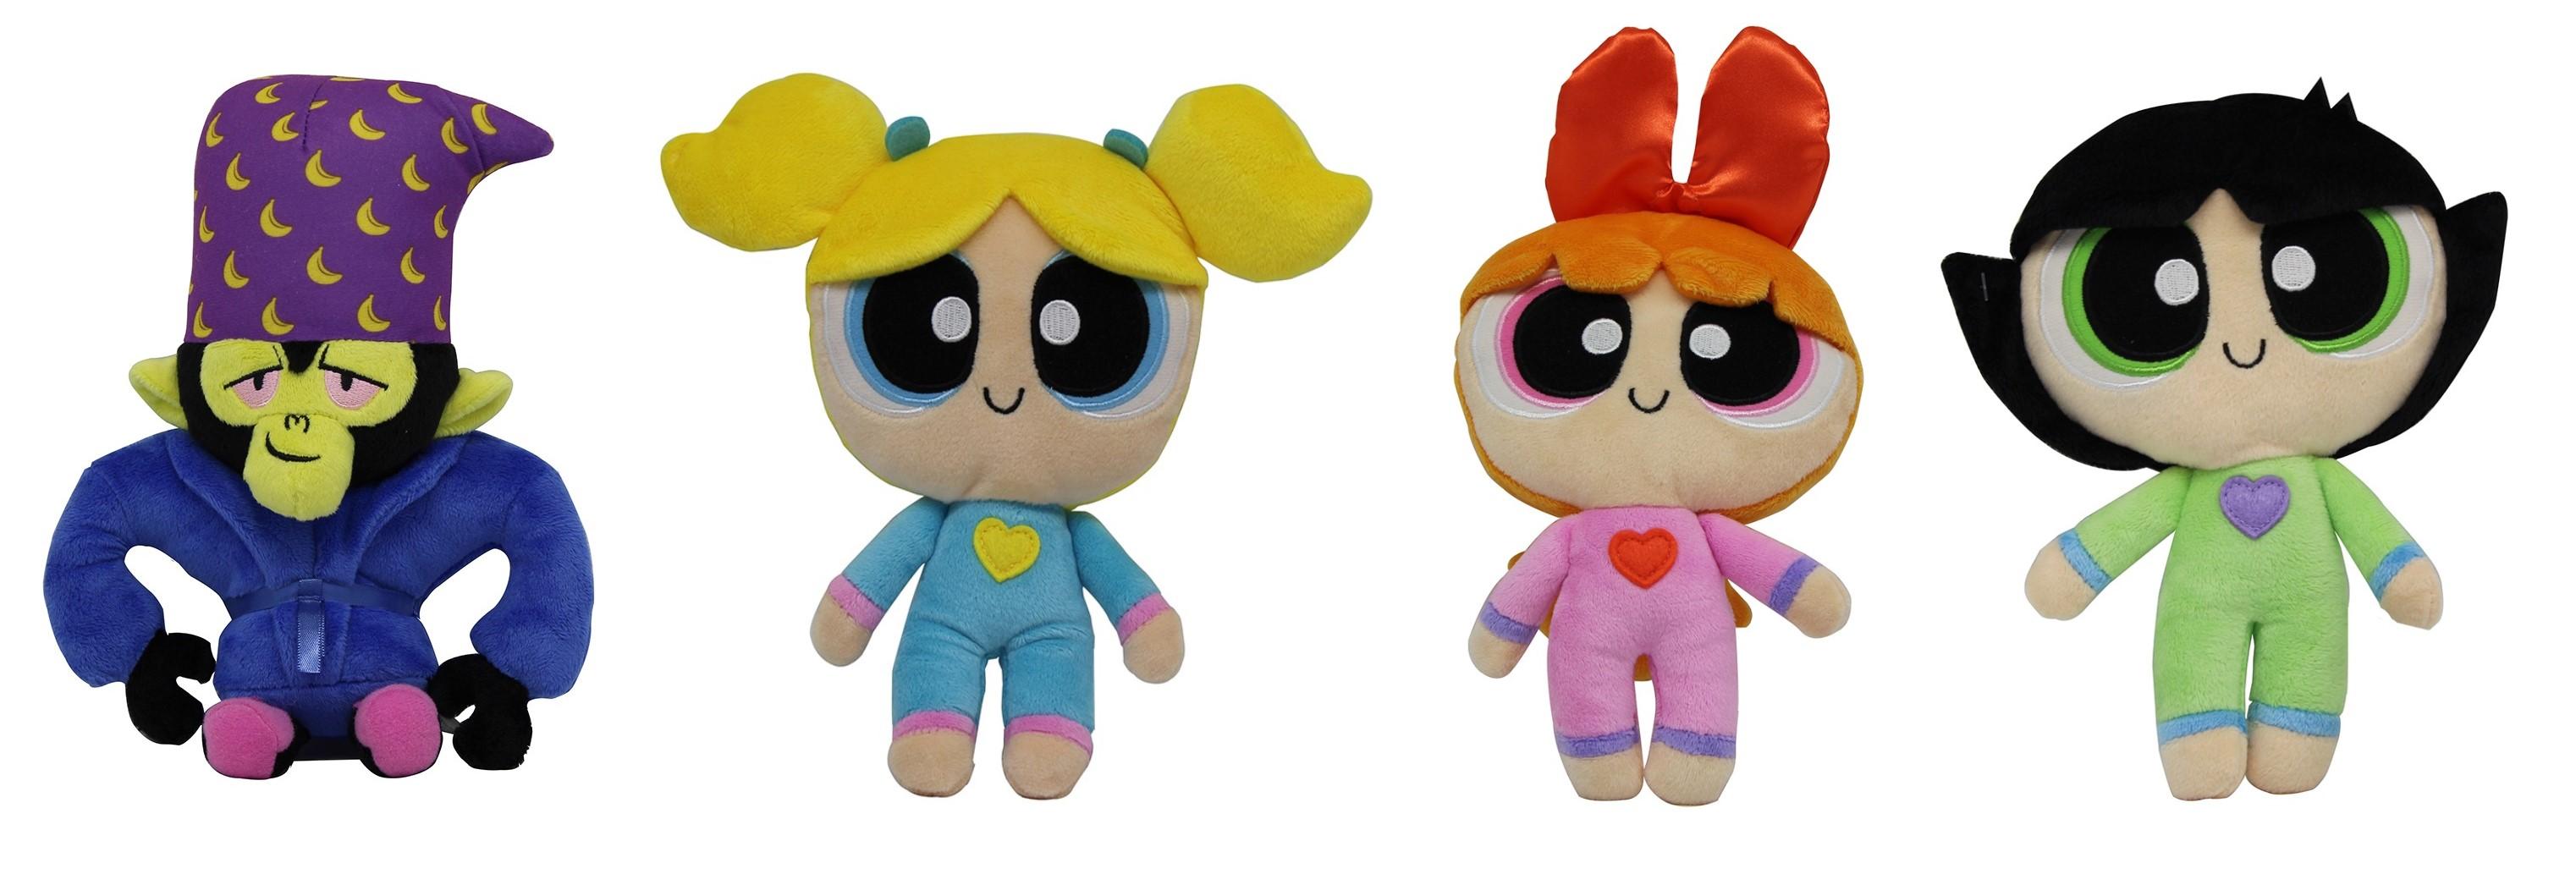 Powerpuff Girls verschiedene Plüschfiguren für Kinder (Auswahl)